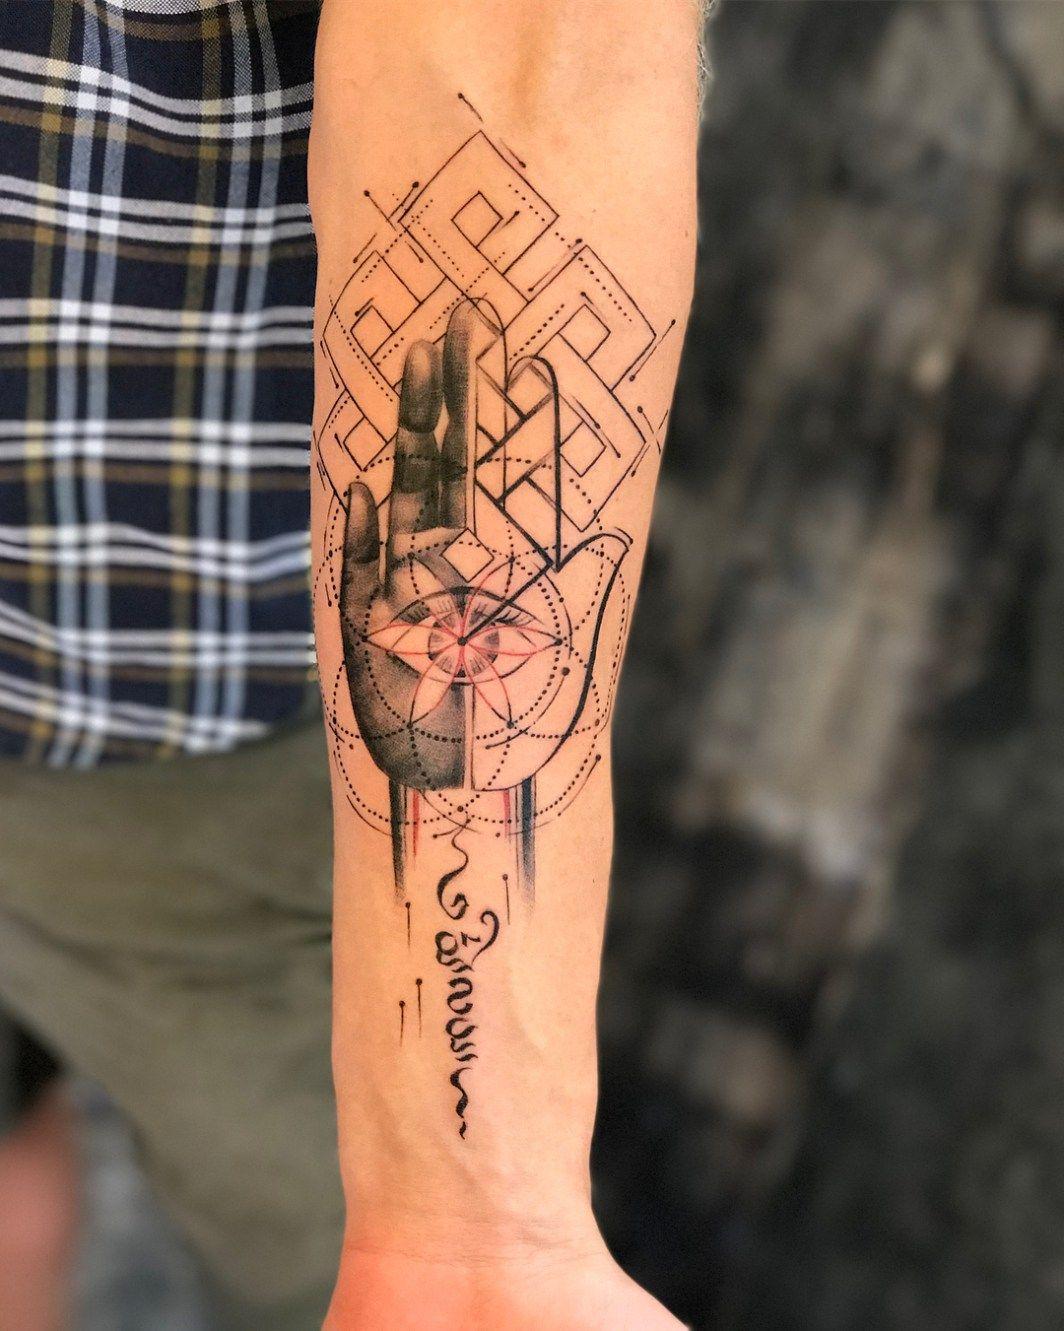 Pics Of My Favorite Geometric Tattoos Tattoos Geometric Hamsa Tattoo Geometric Tattoo Hand